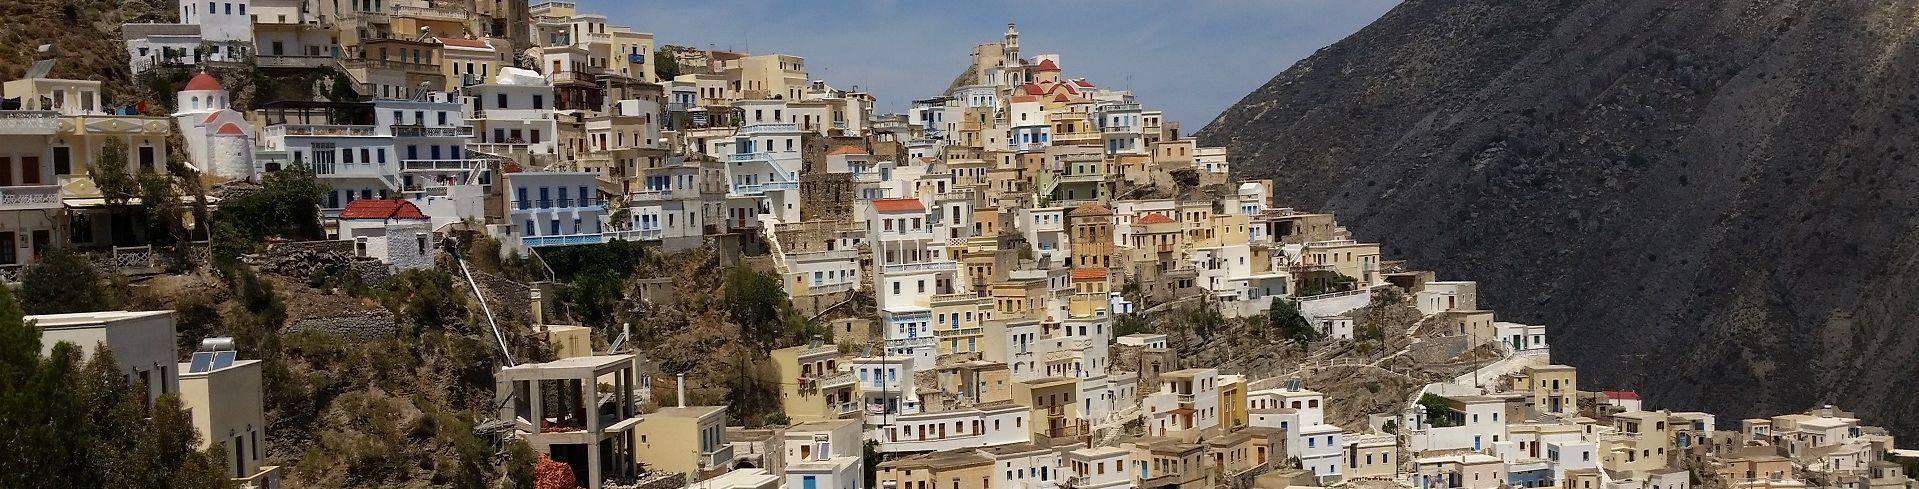 טרק ביוון חוצה האי קרפטוס והאי סריה